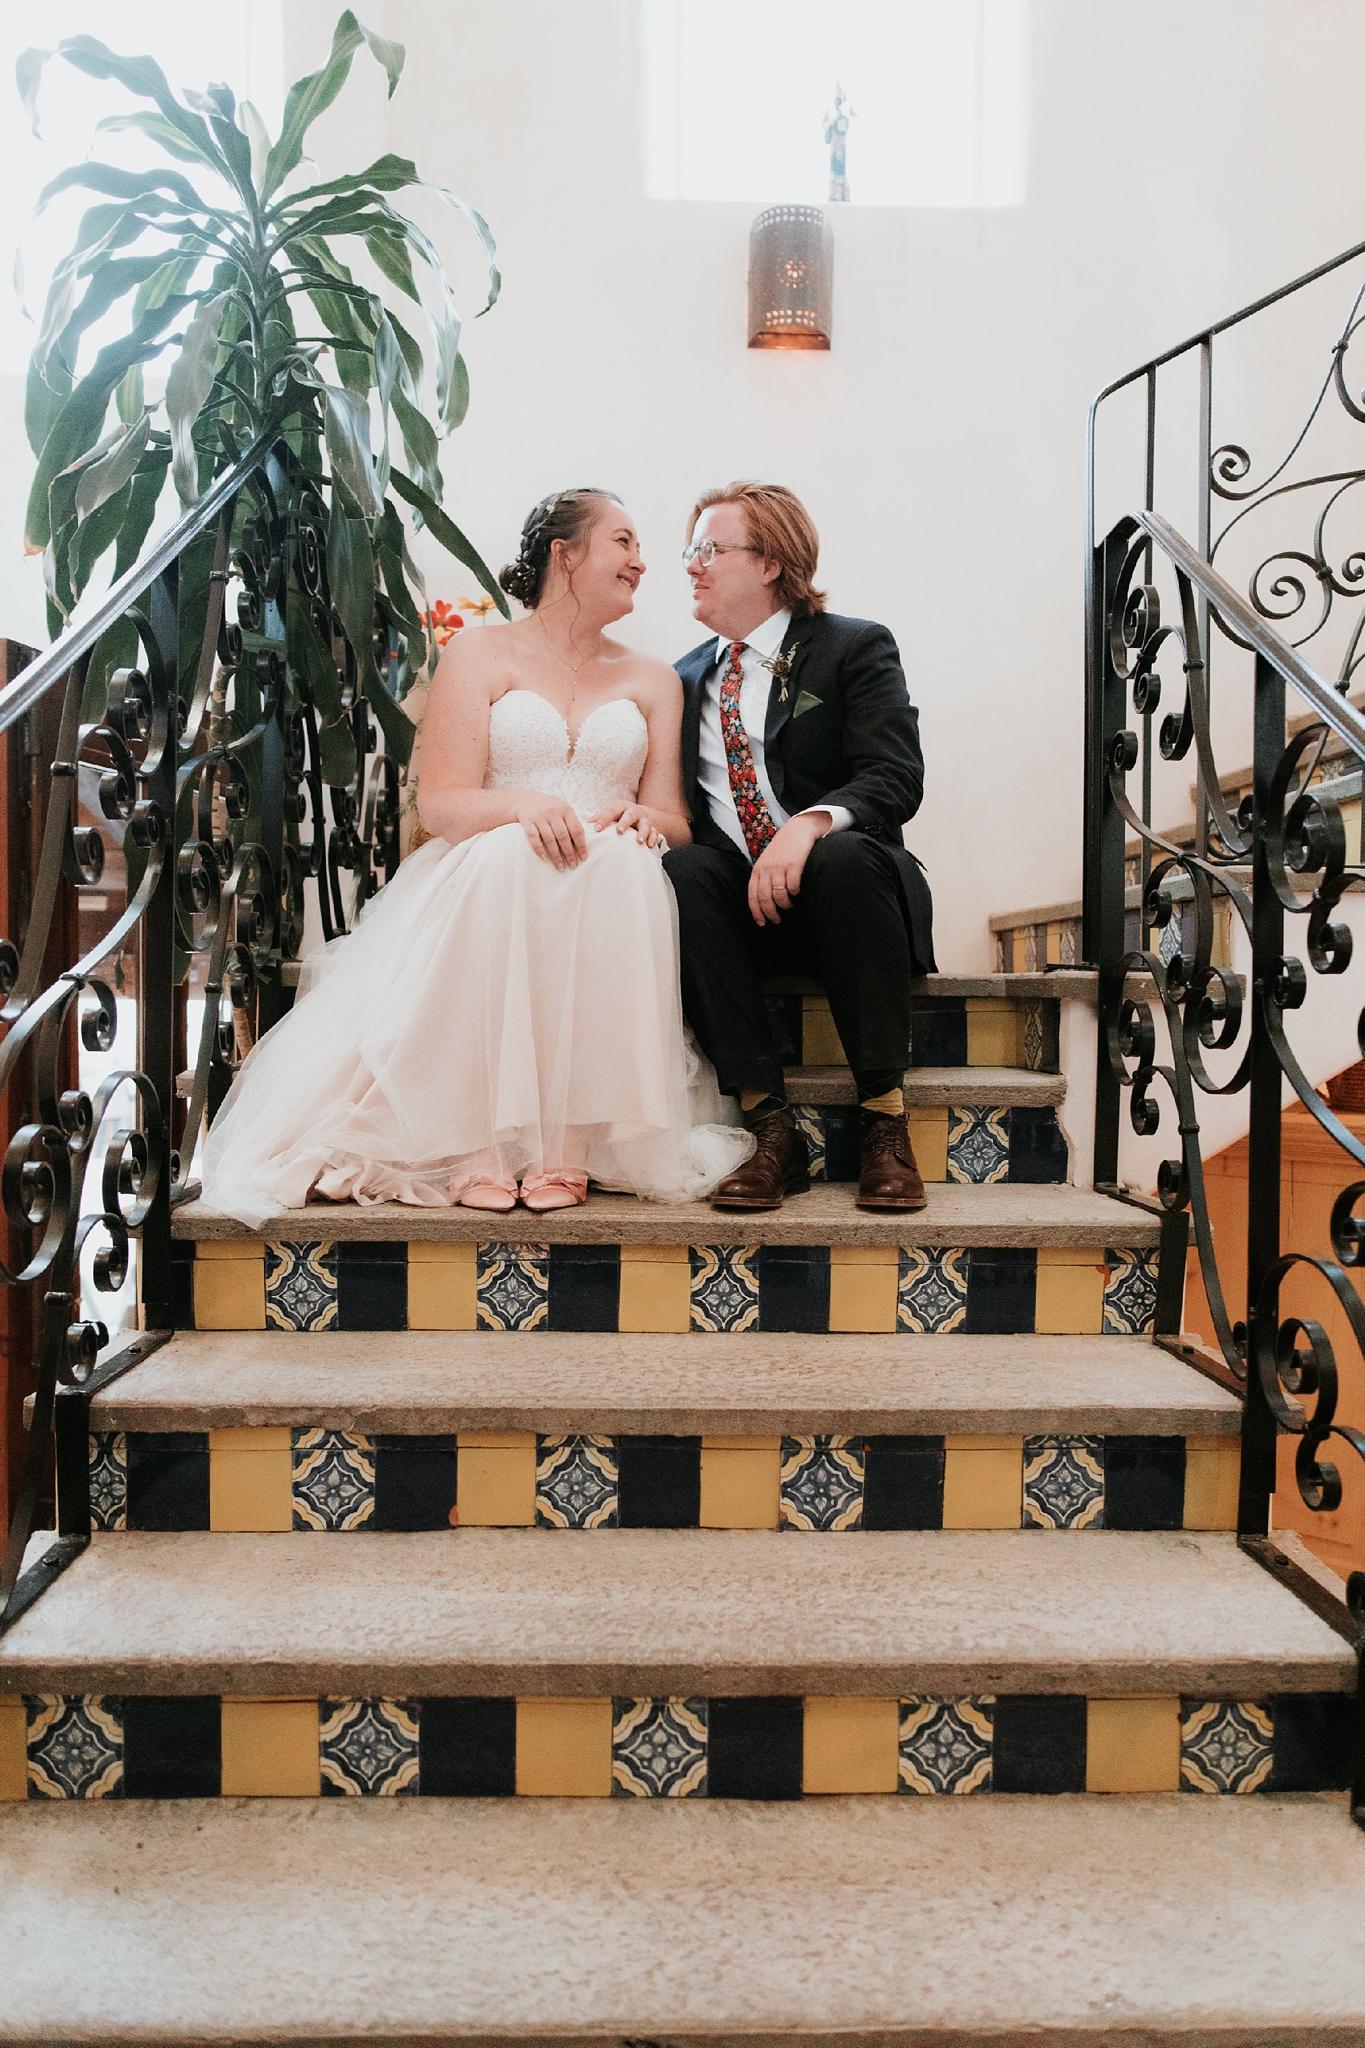 Alicia+lucia+photography+-+albuquerque+wedding+photographer+-+santa+fe+wedding+photography+-+new+mexico+wedding+photographer+-+new+mexico+wedding+-+wedding+venues+-+new+mexico+wedding+venues+-+colorado+wedding+venues_0134.jpg